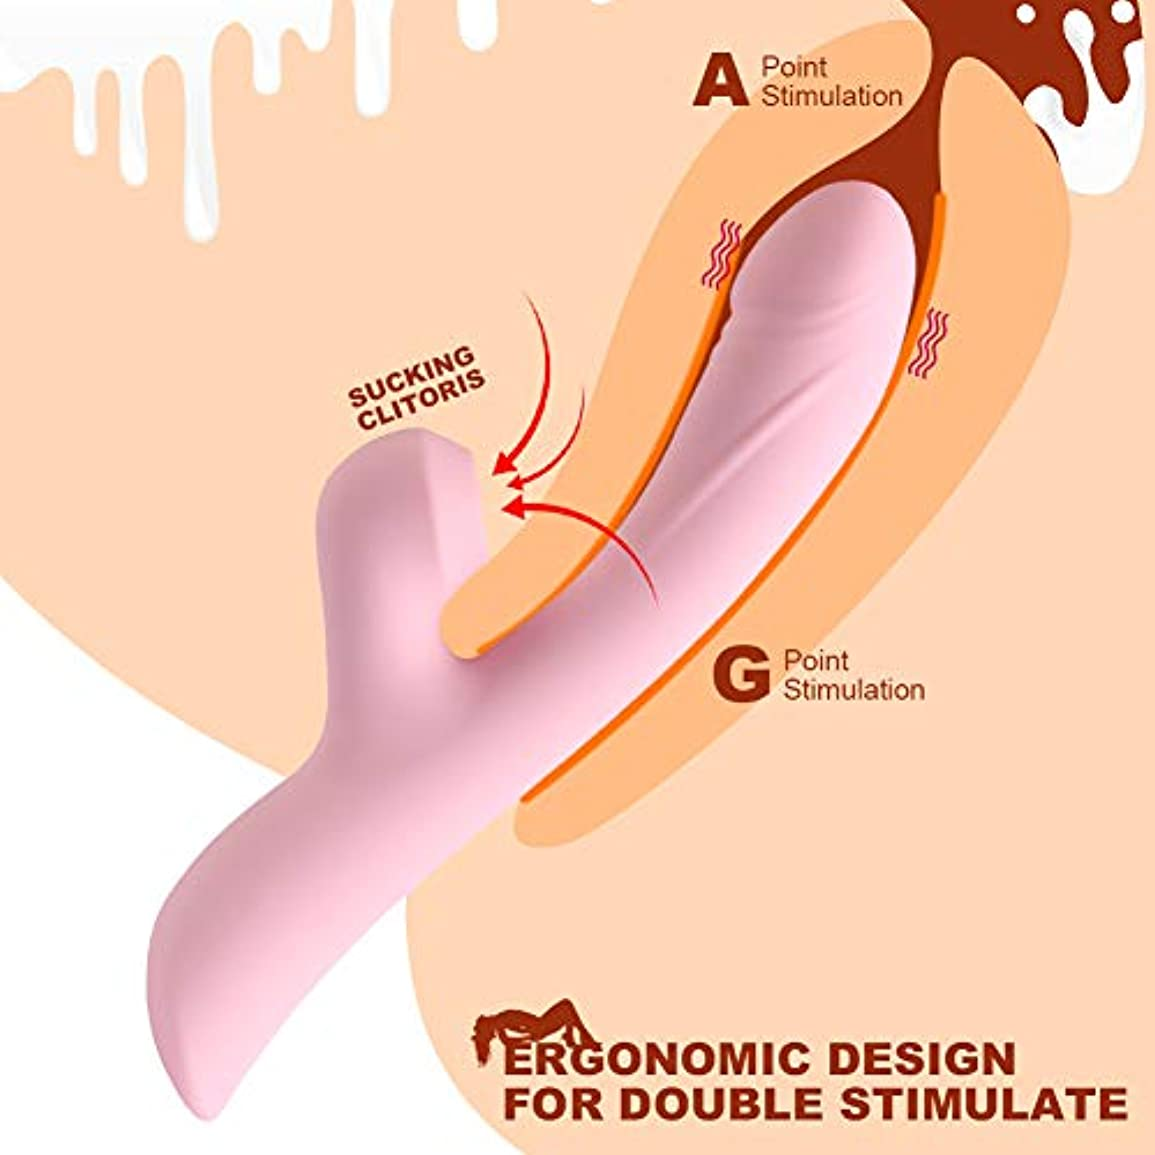 足 マッサージ グッズ マッサージ 家電 女性用多機能マッサージスティック充電式防水 強力な 筋肉痛のためのマッサージスティック体をリラックスさせ、疲労を和らげます (ピンク色)